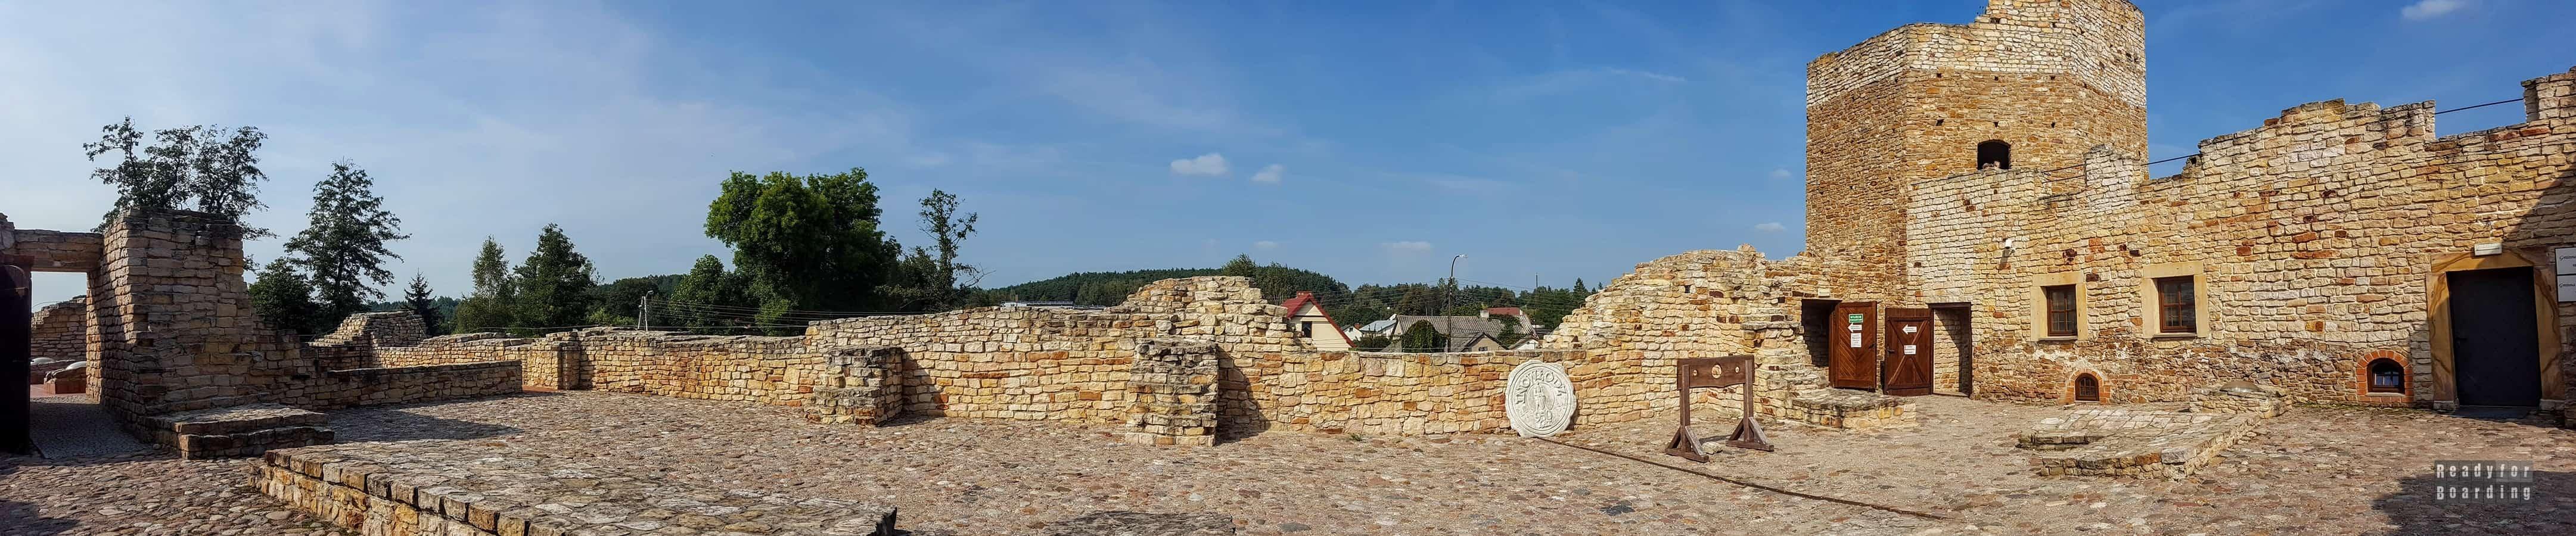 Panorama: Zamek królewski w Inowłodzu, województwo łódzkie